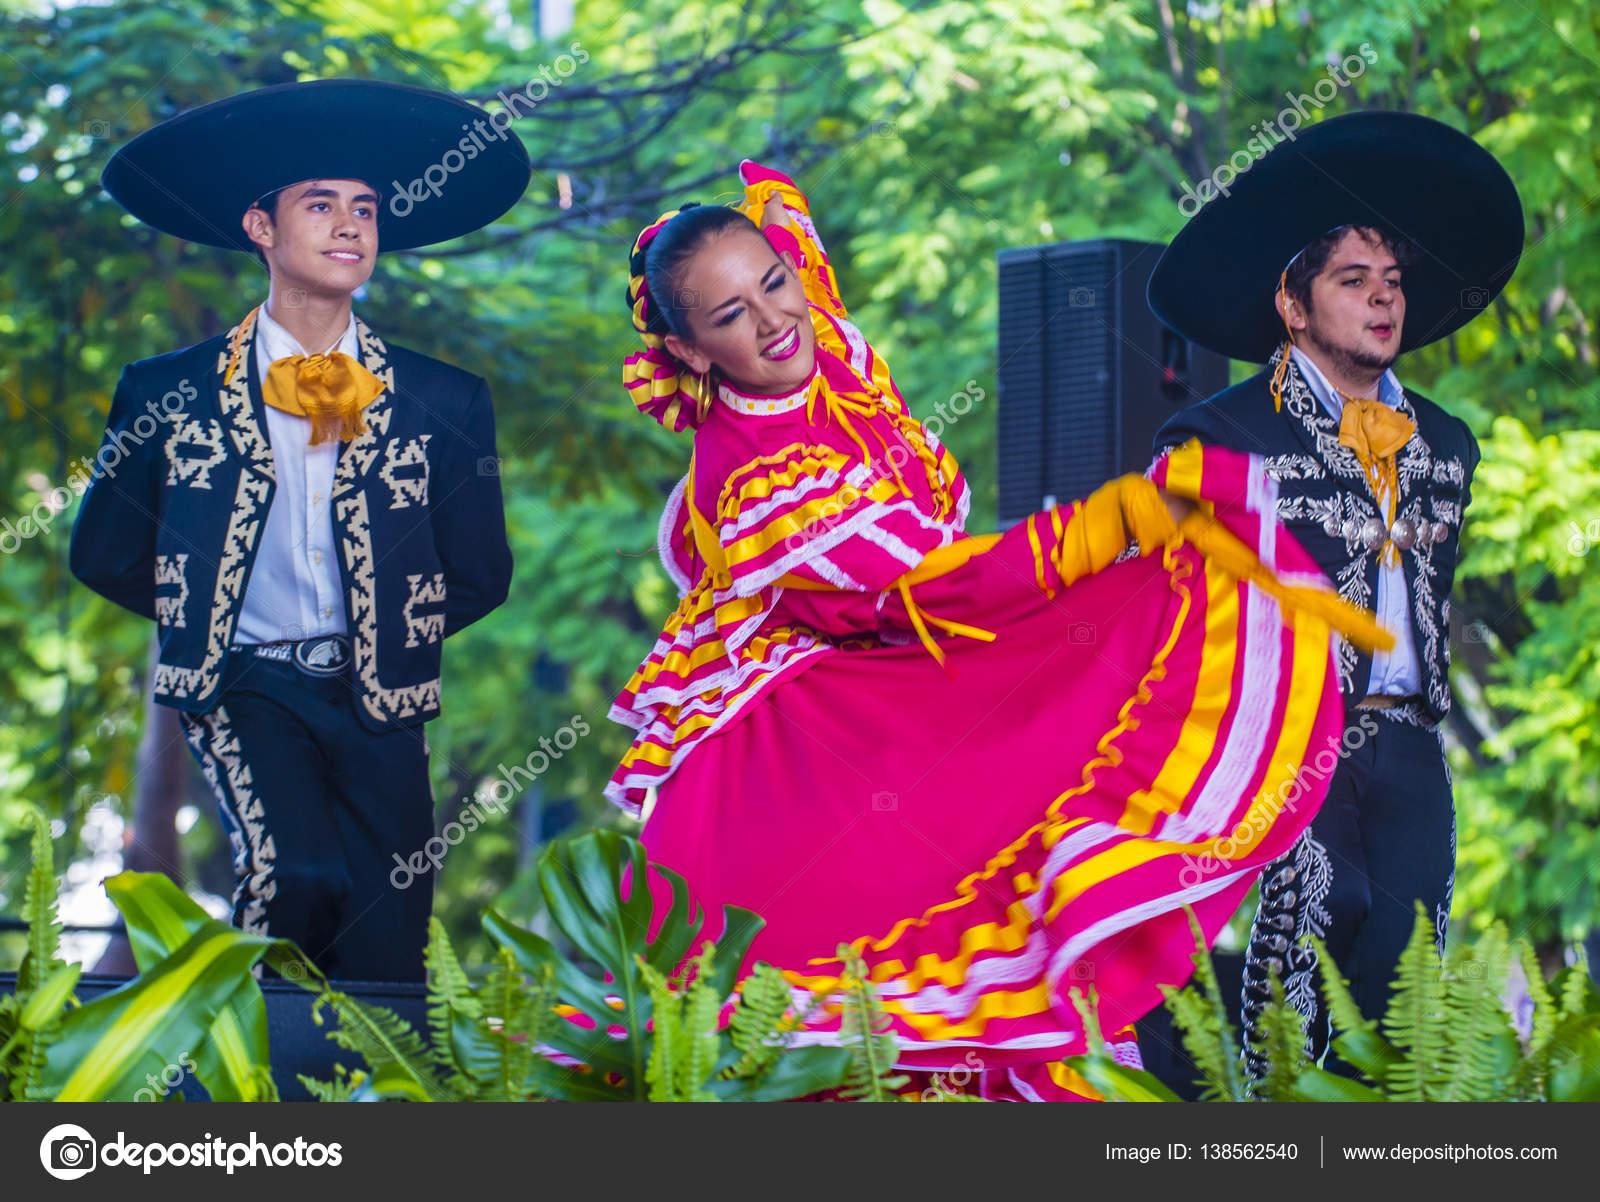 Imágenes Niños Vestidos De Charros Festival Internacional